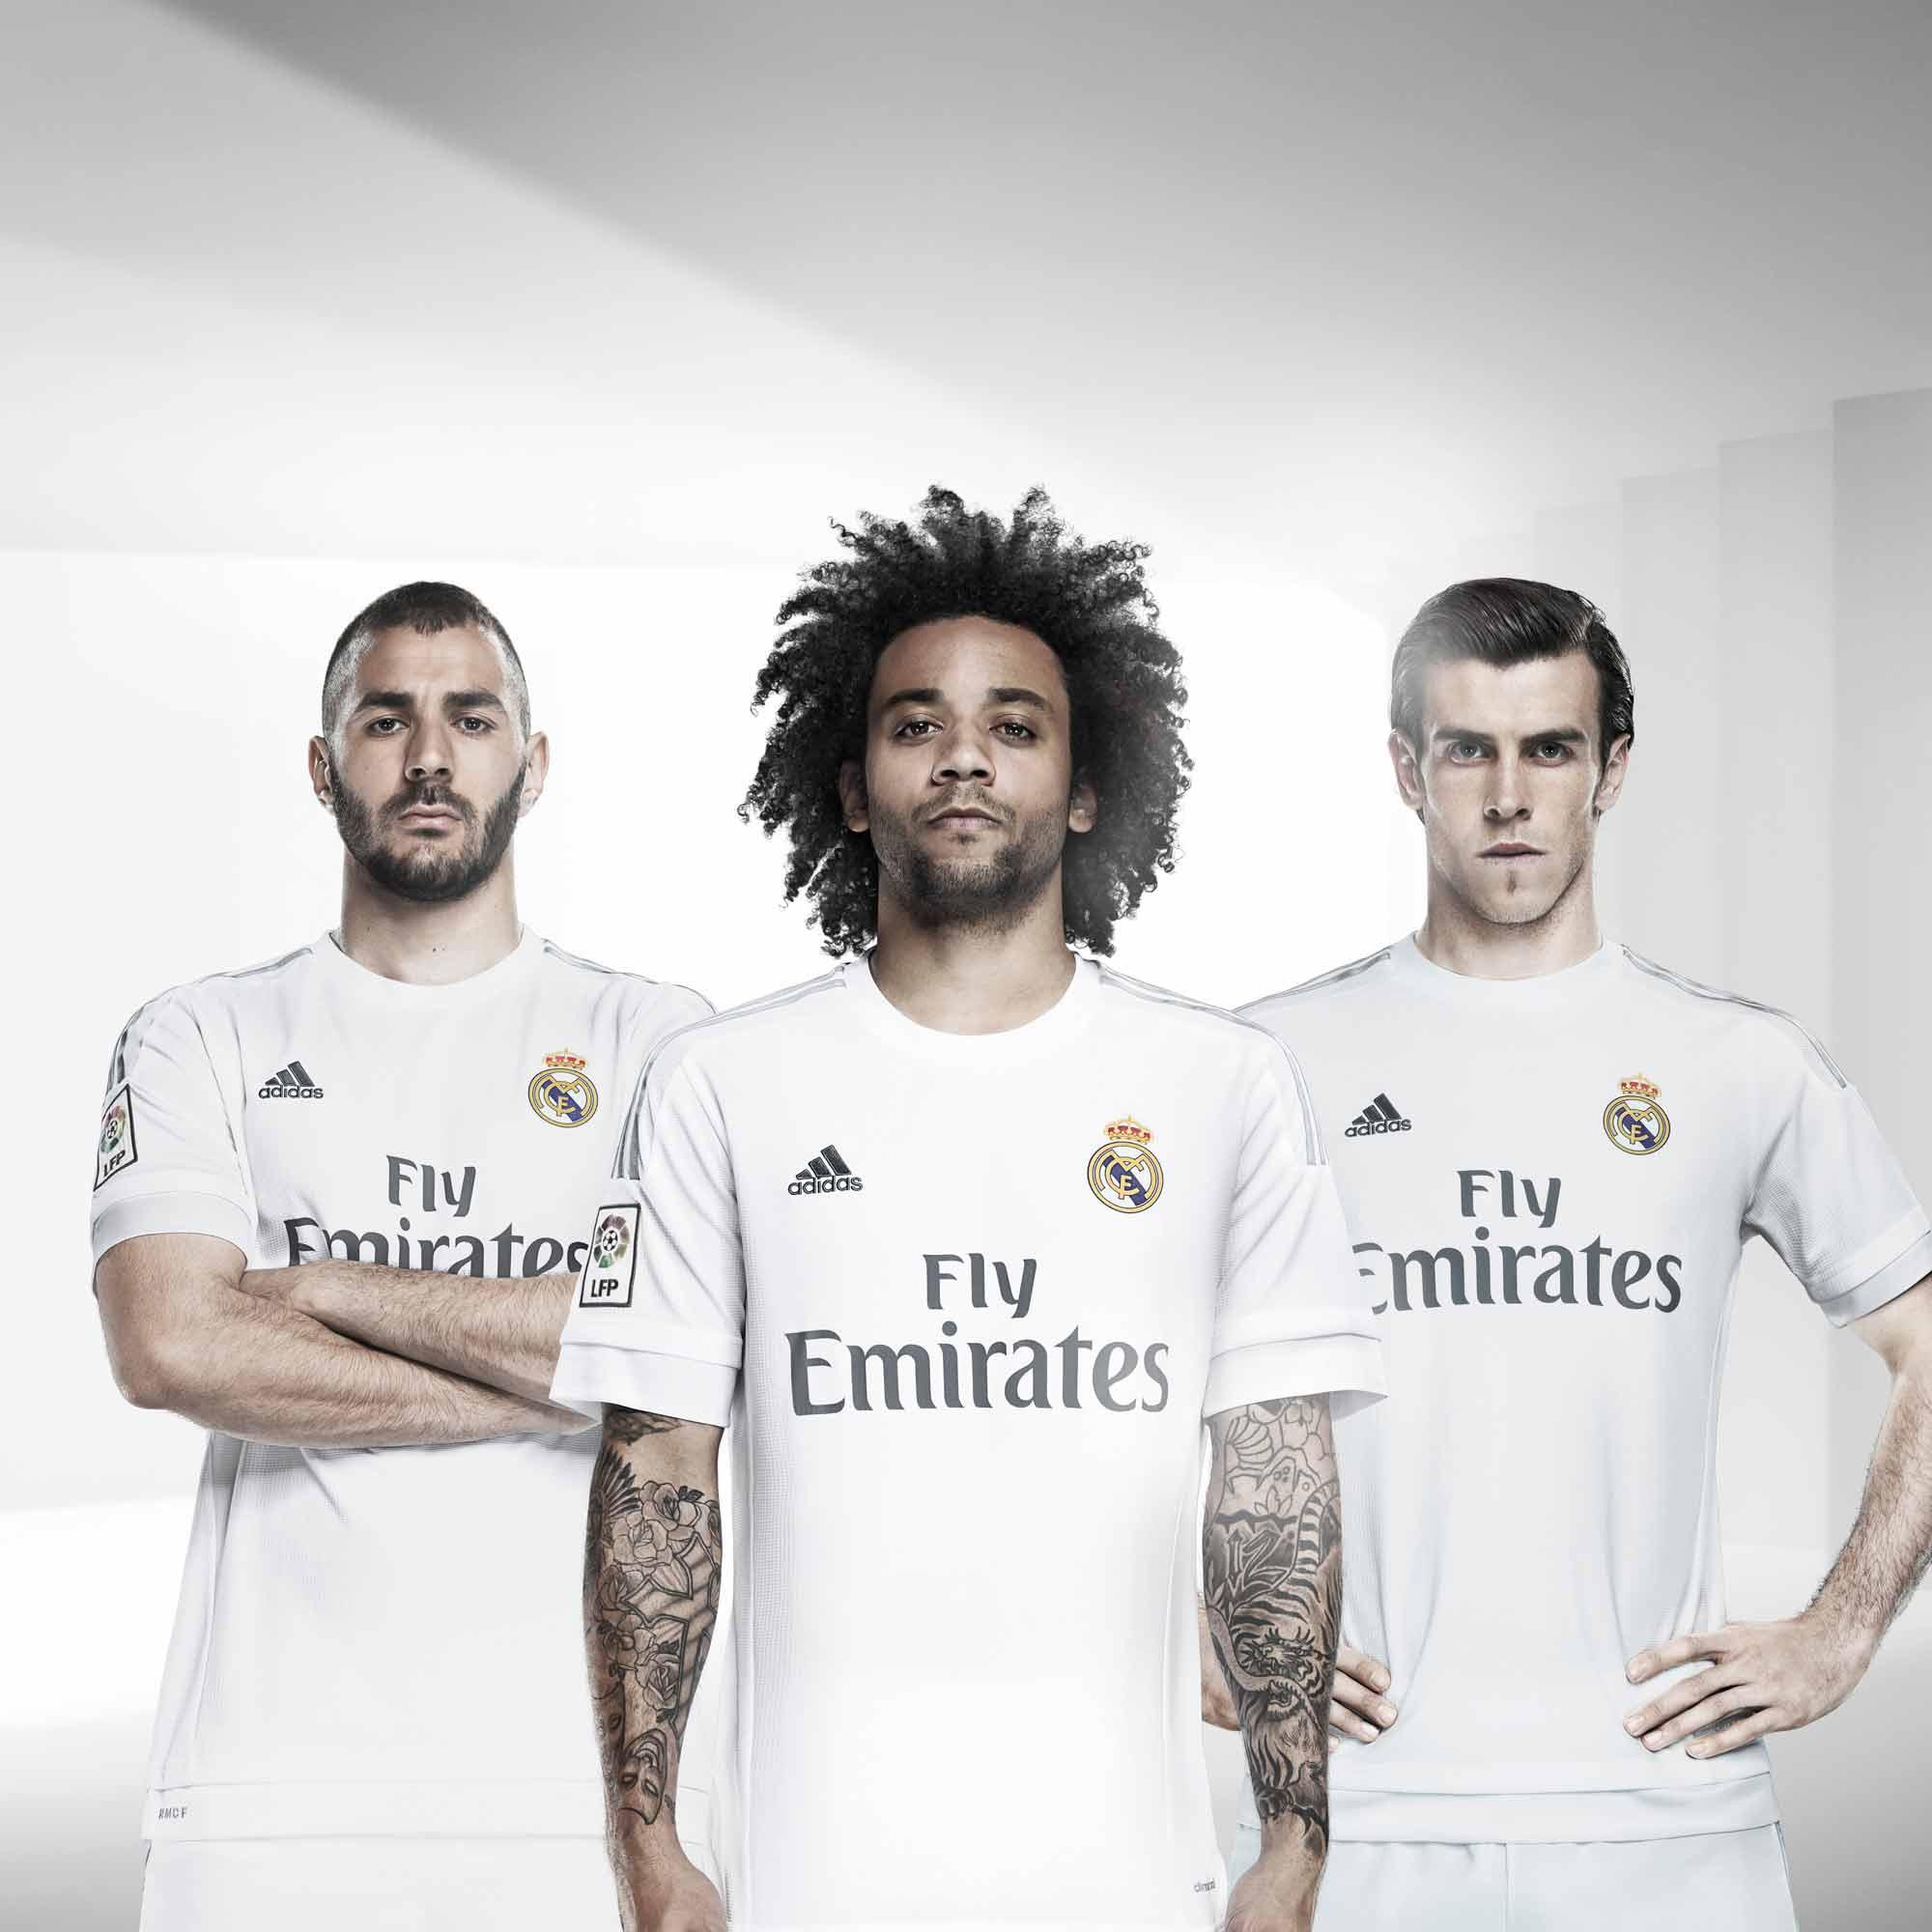 Amar A Muerte Capitulo 25: Real Madrid Presenta Sus Nuevos Uniformes Para La Campaña